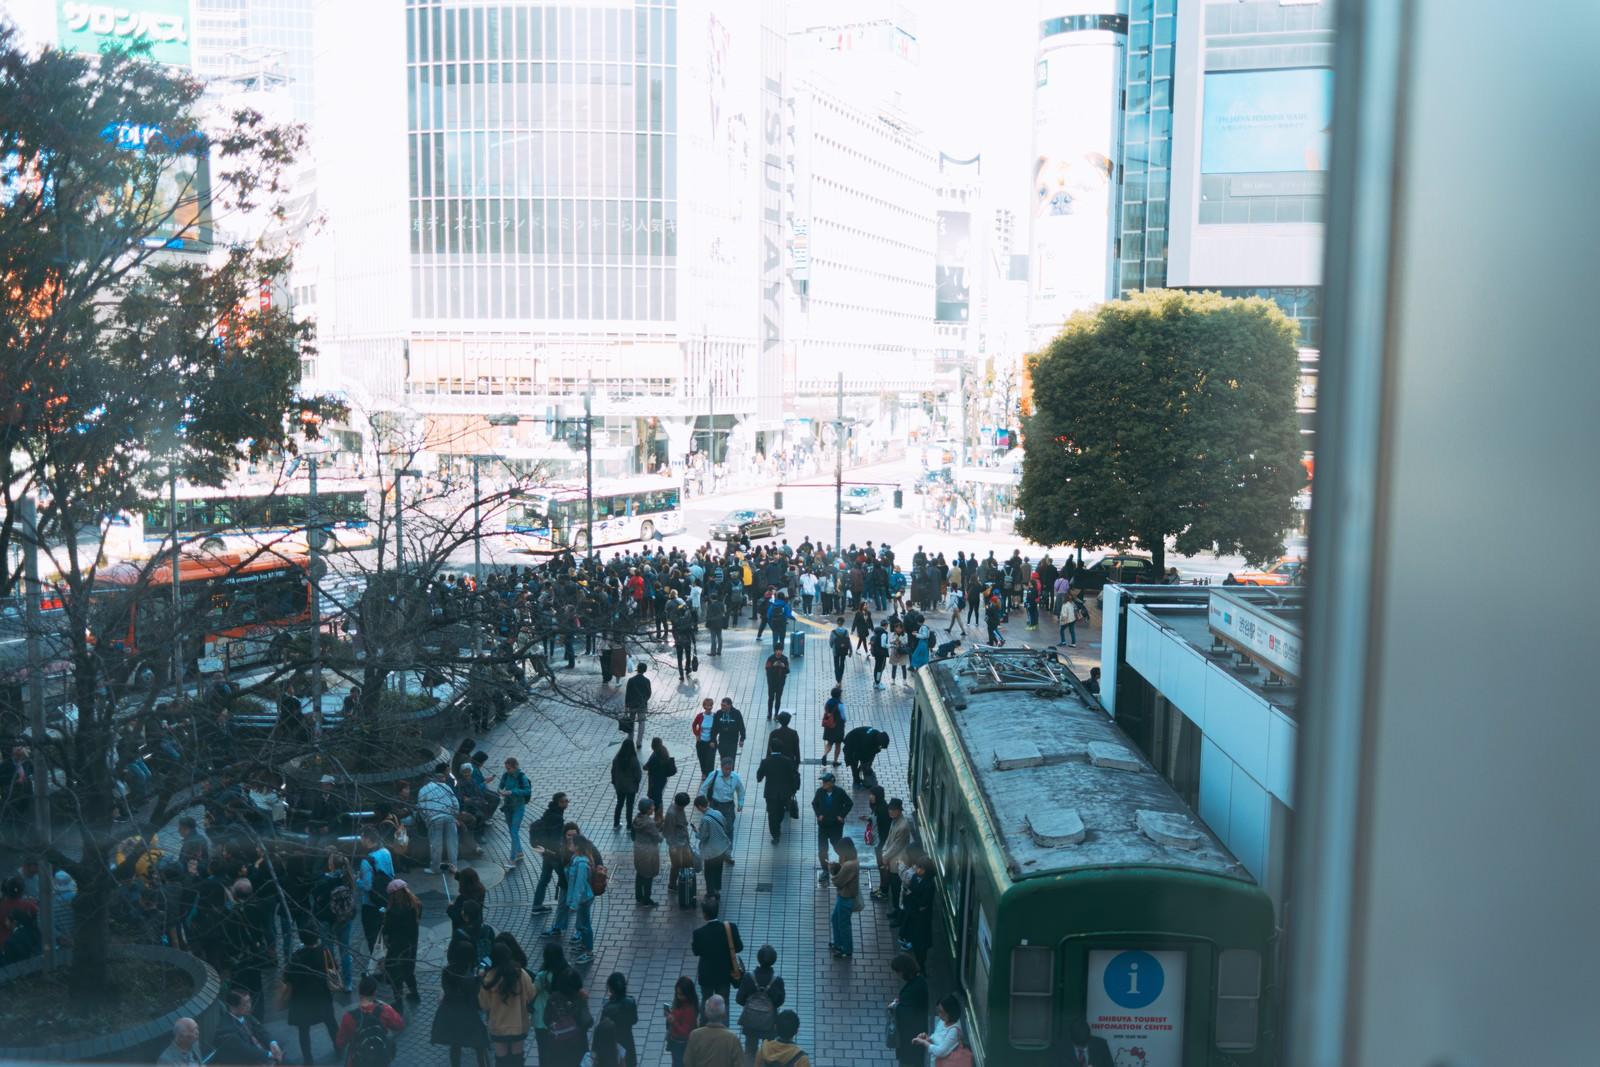 「渋谷スクランブル交差点前の密な人混み」の写真